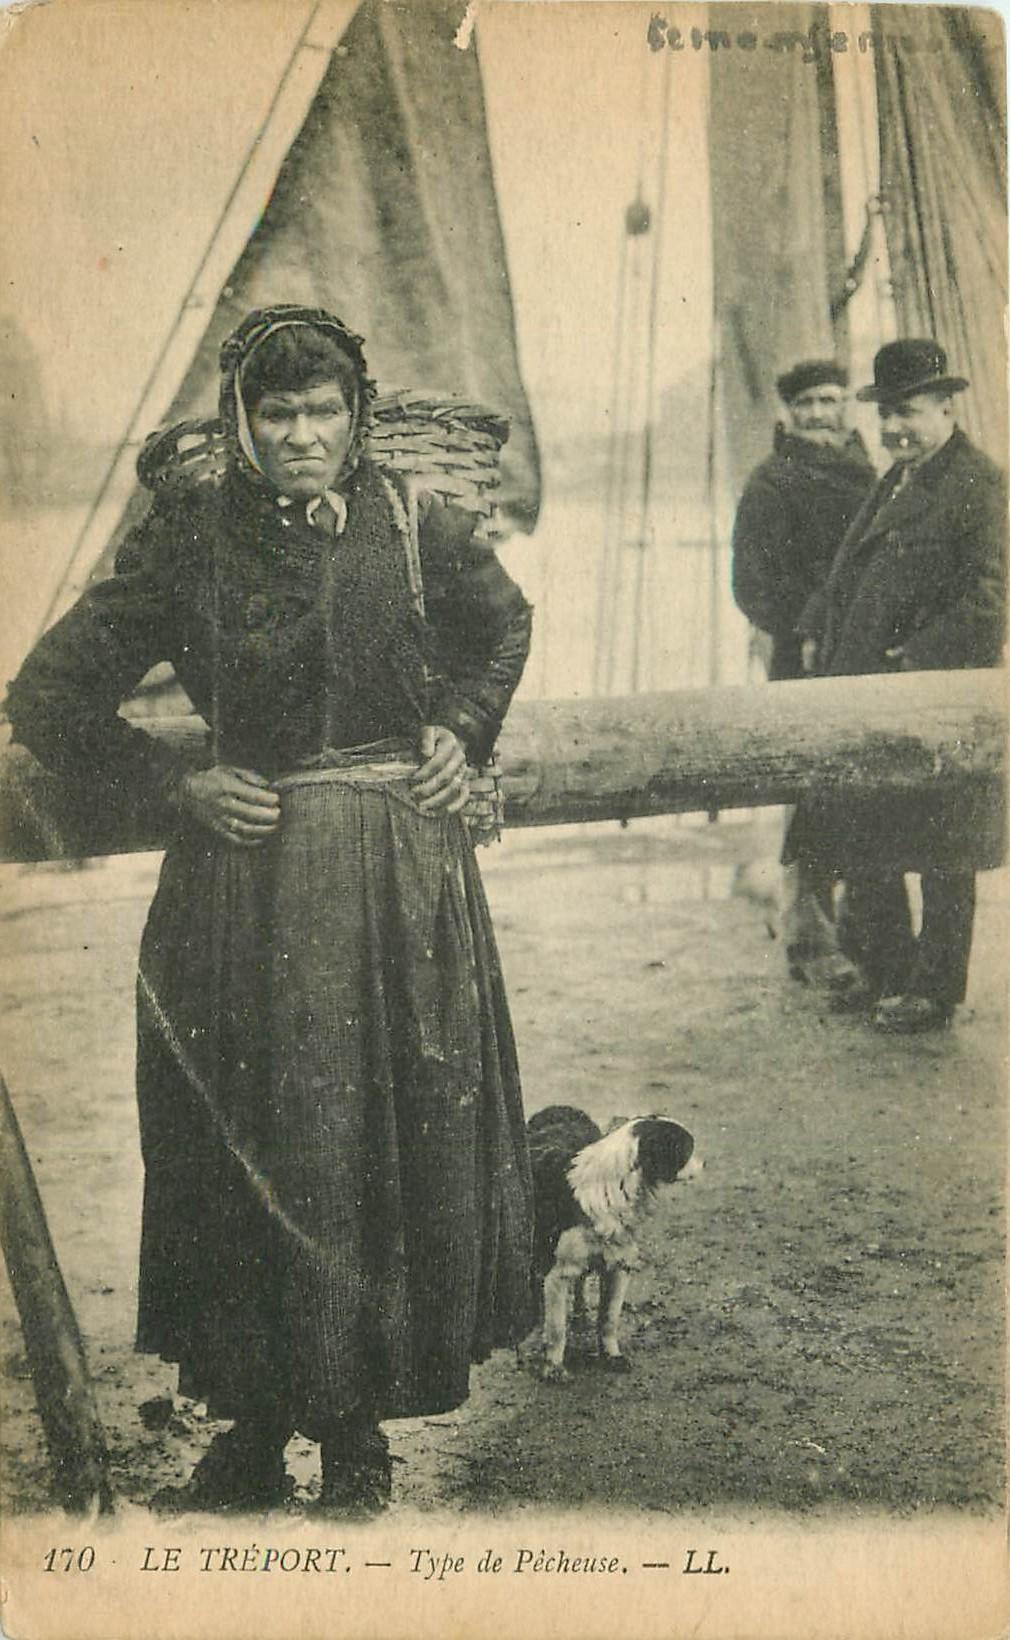 76 LE TREPORT. Type de Pêcheuse avec son Chien